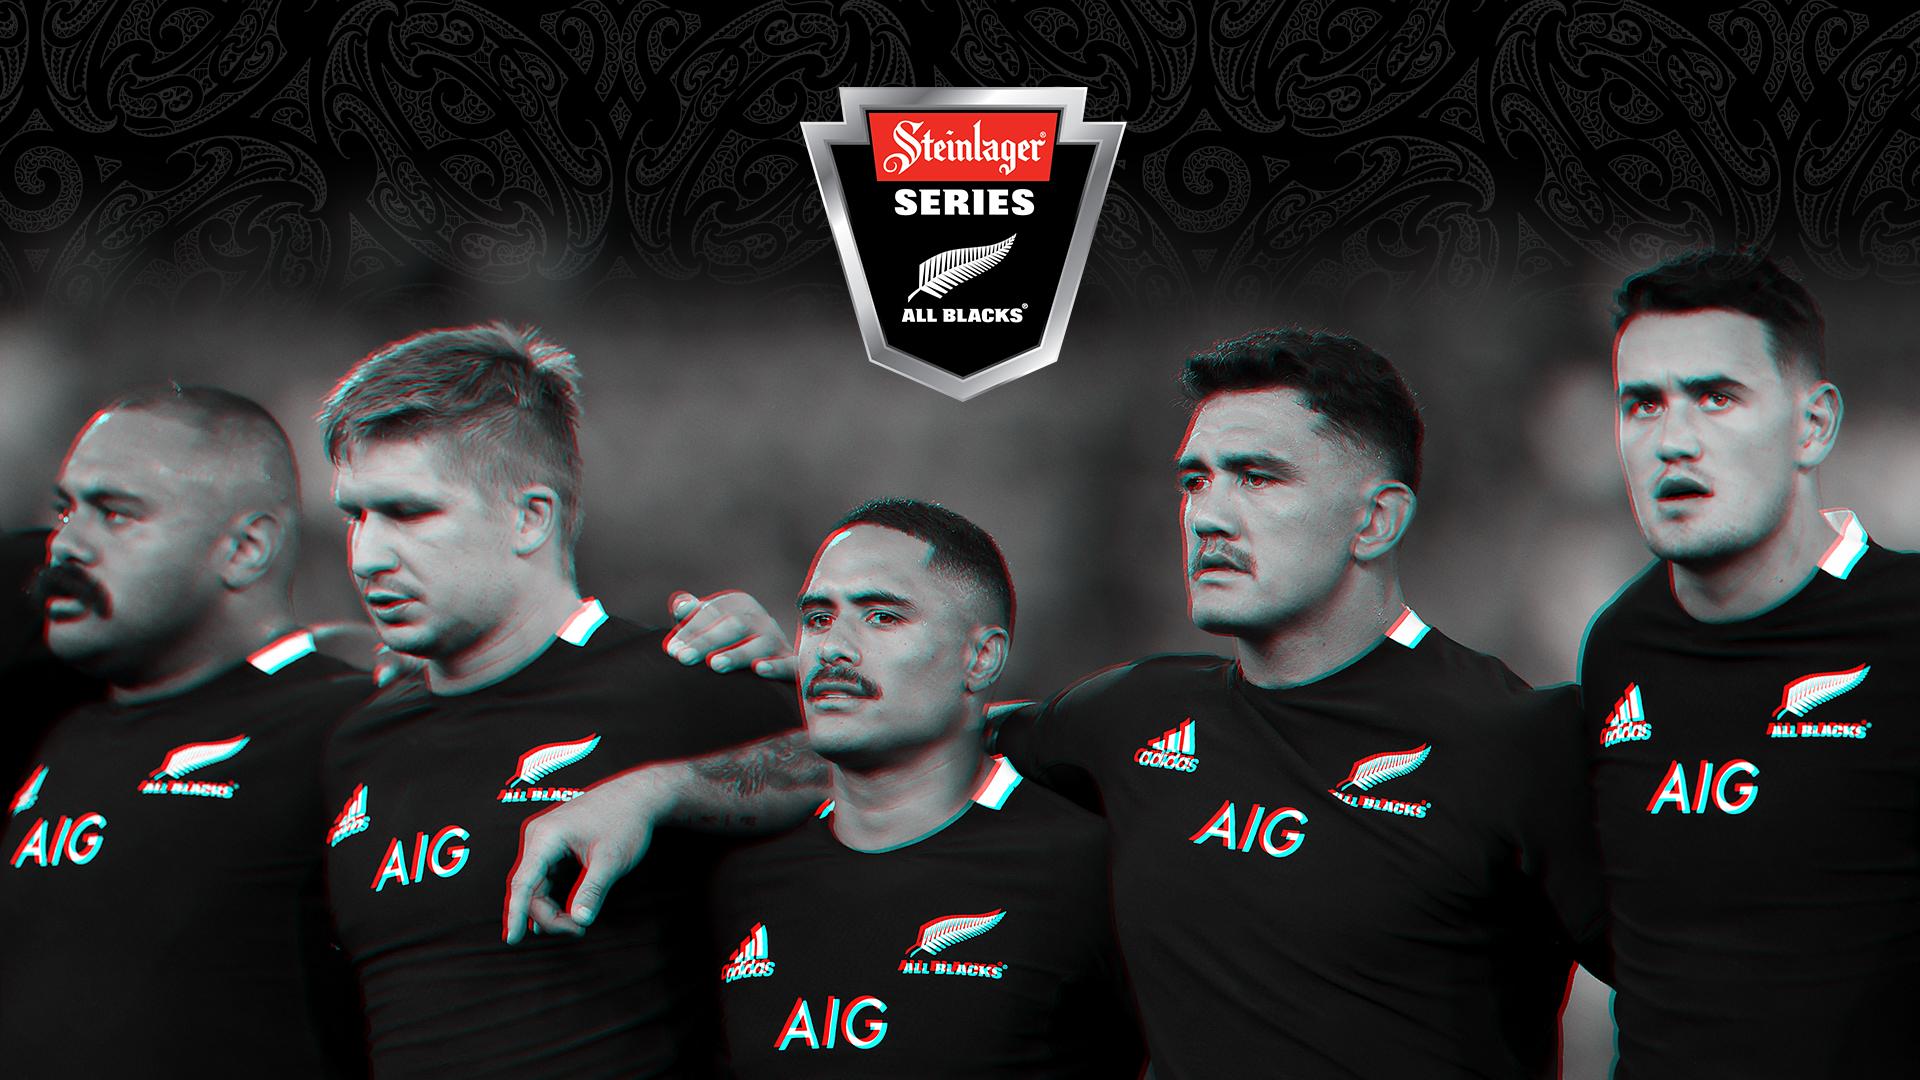 2021 Steinlager Series Double Header - All Blacks v Tonga